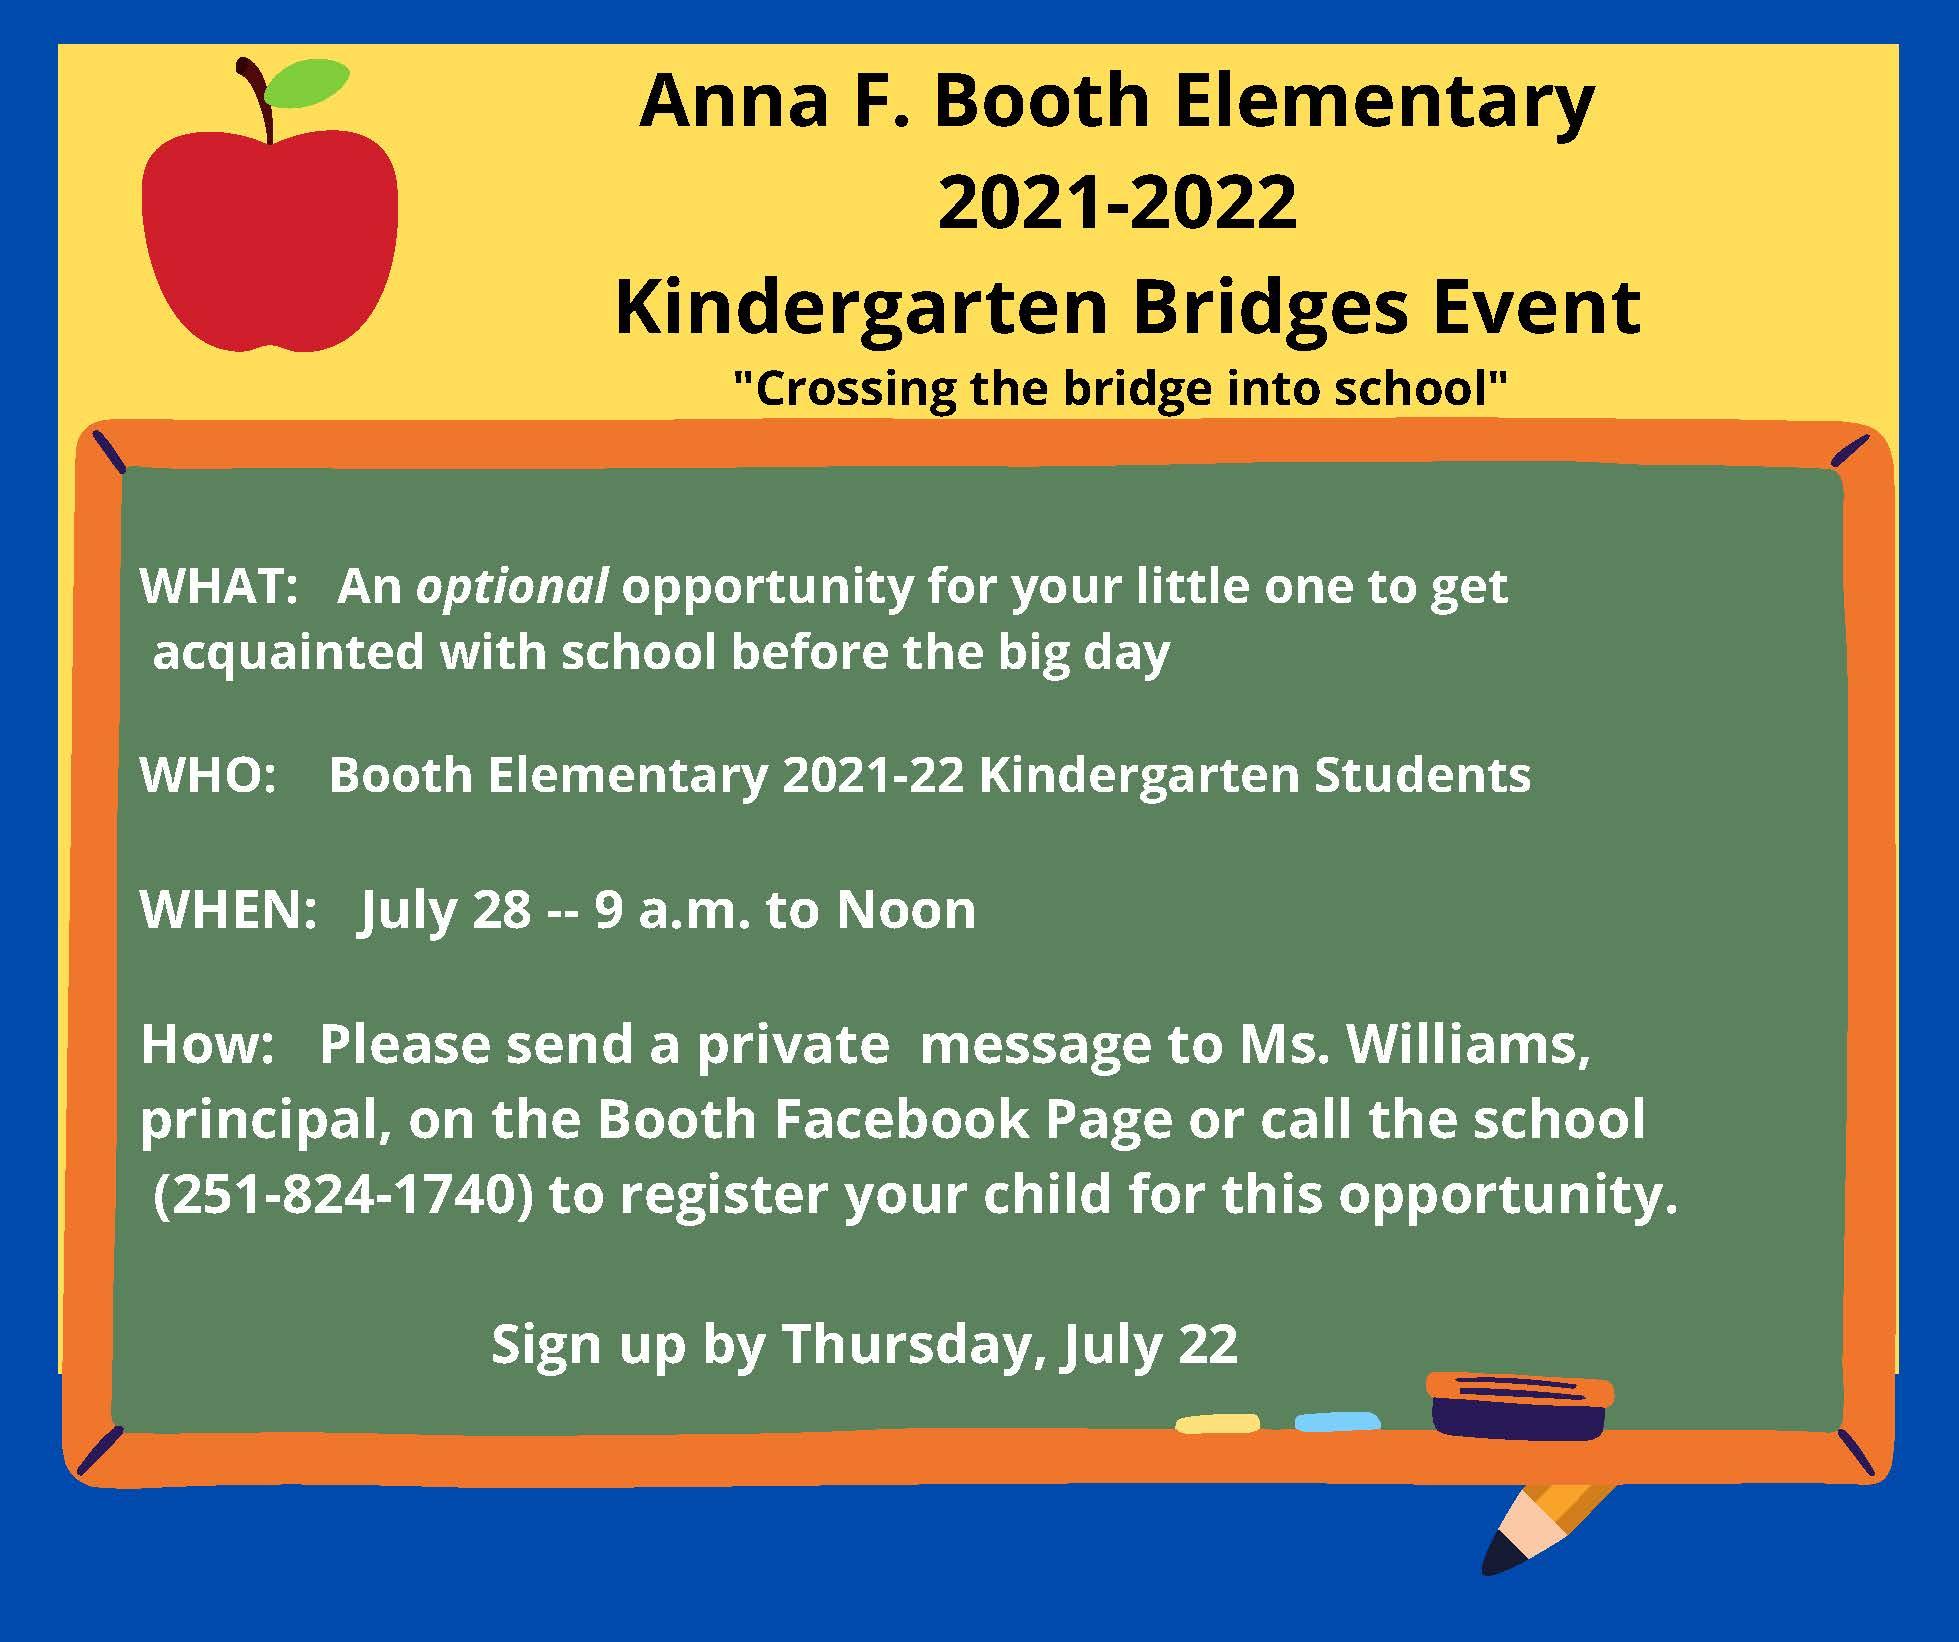 Kindergarten Bridges Event